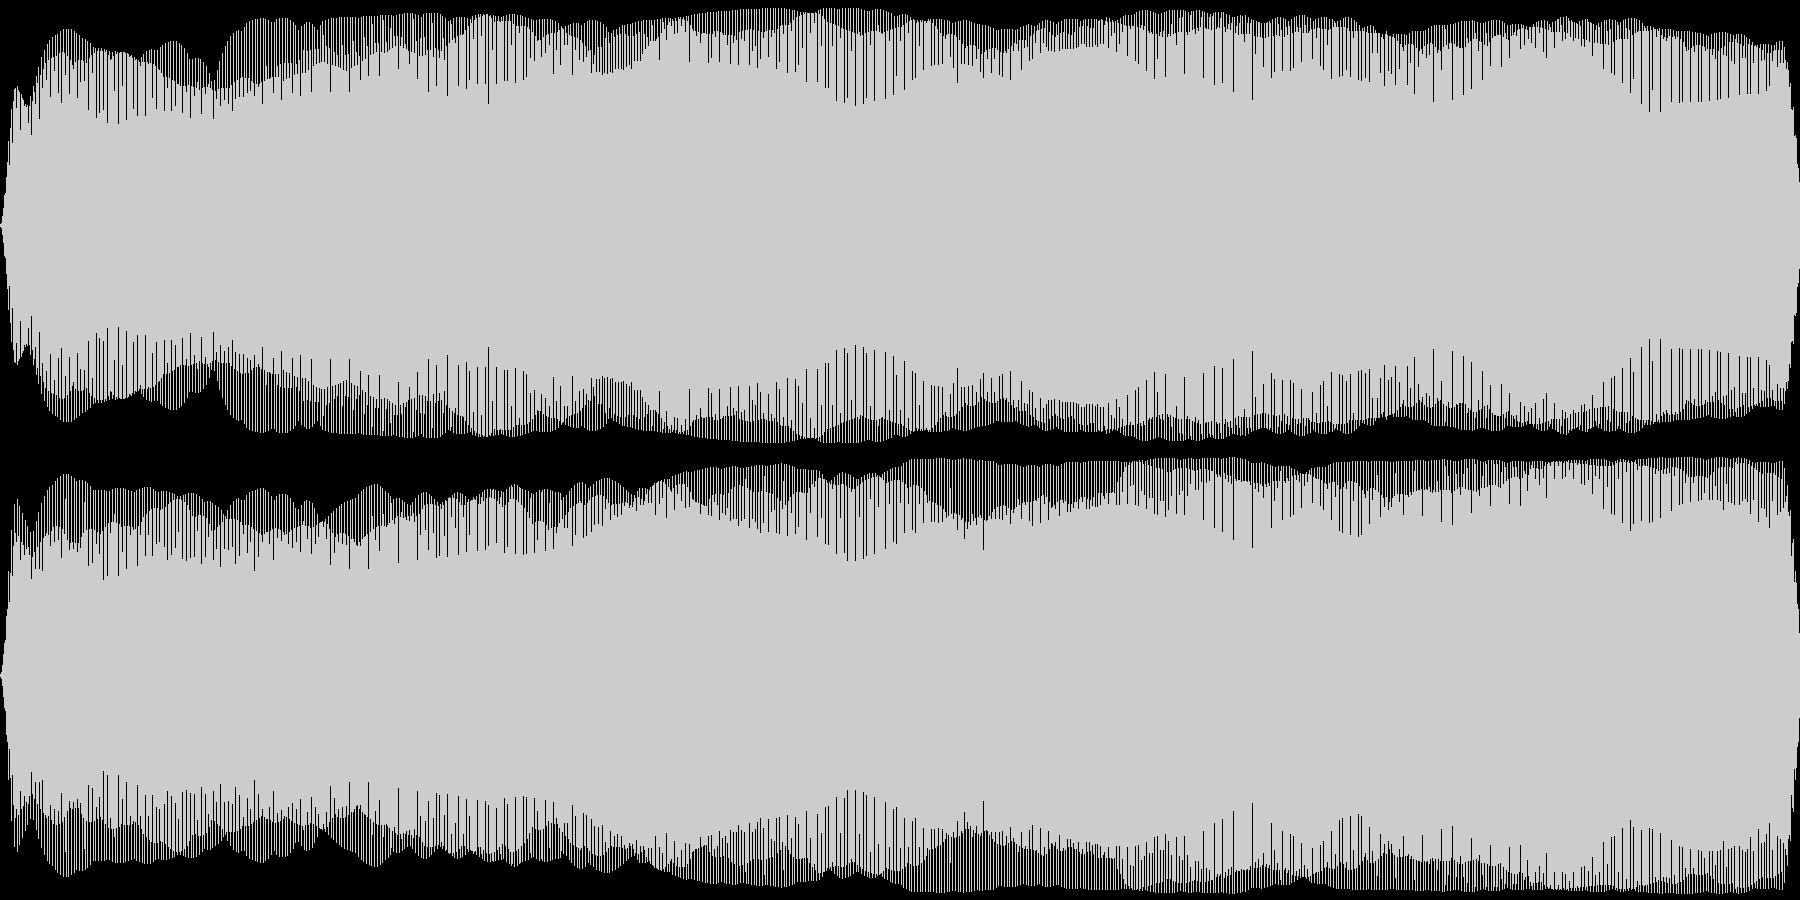 ひげ剃り機、電気シェーバー(剃る音なし)の未再生の波形